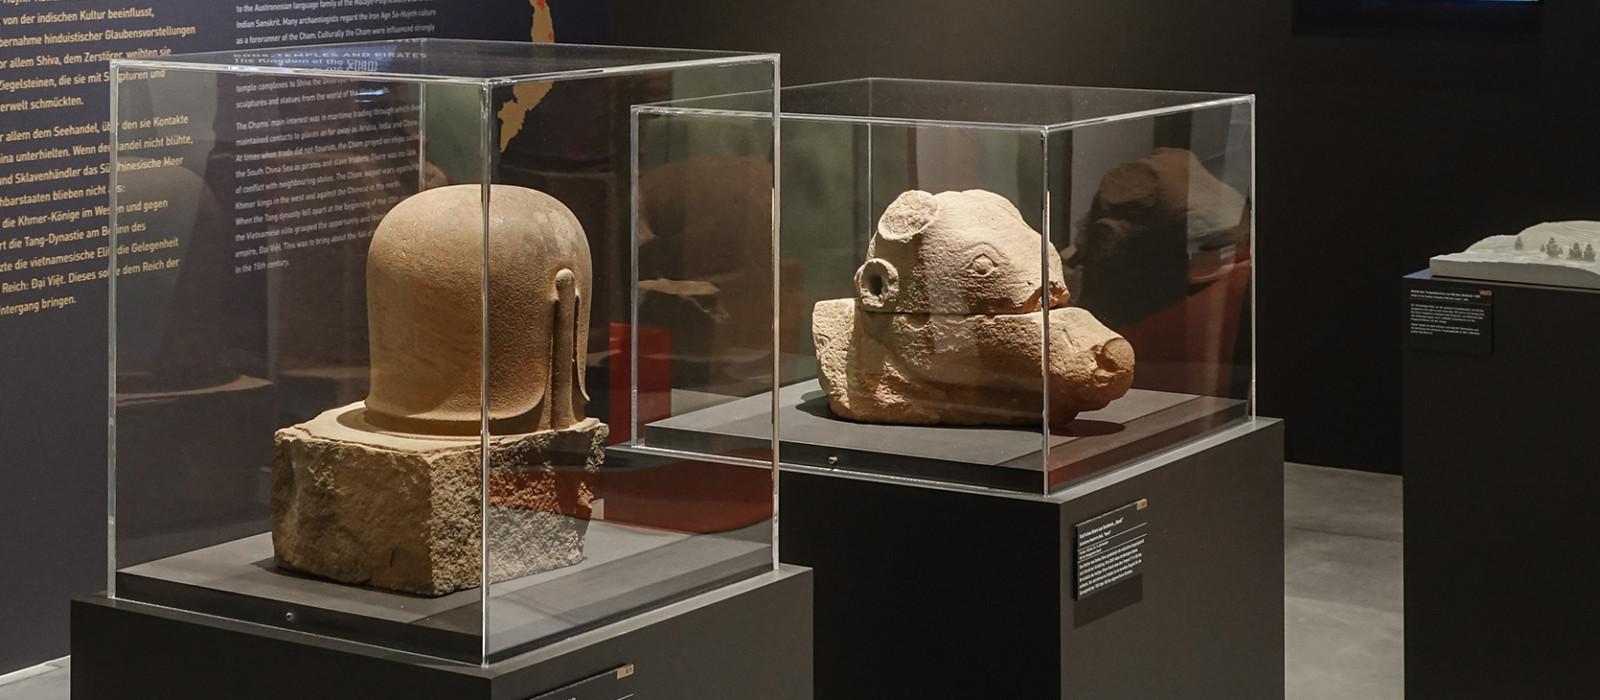 Vitrinen mit Steinobjekten in einer Ausstellung